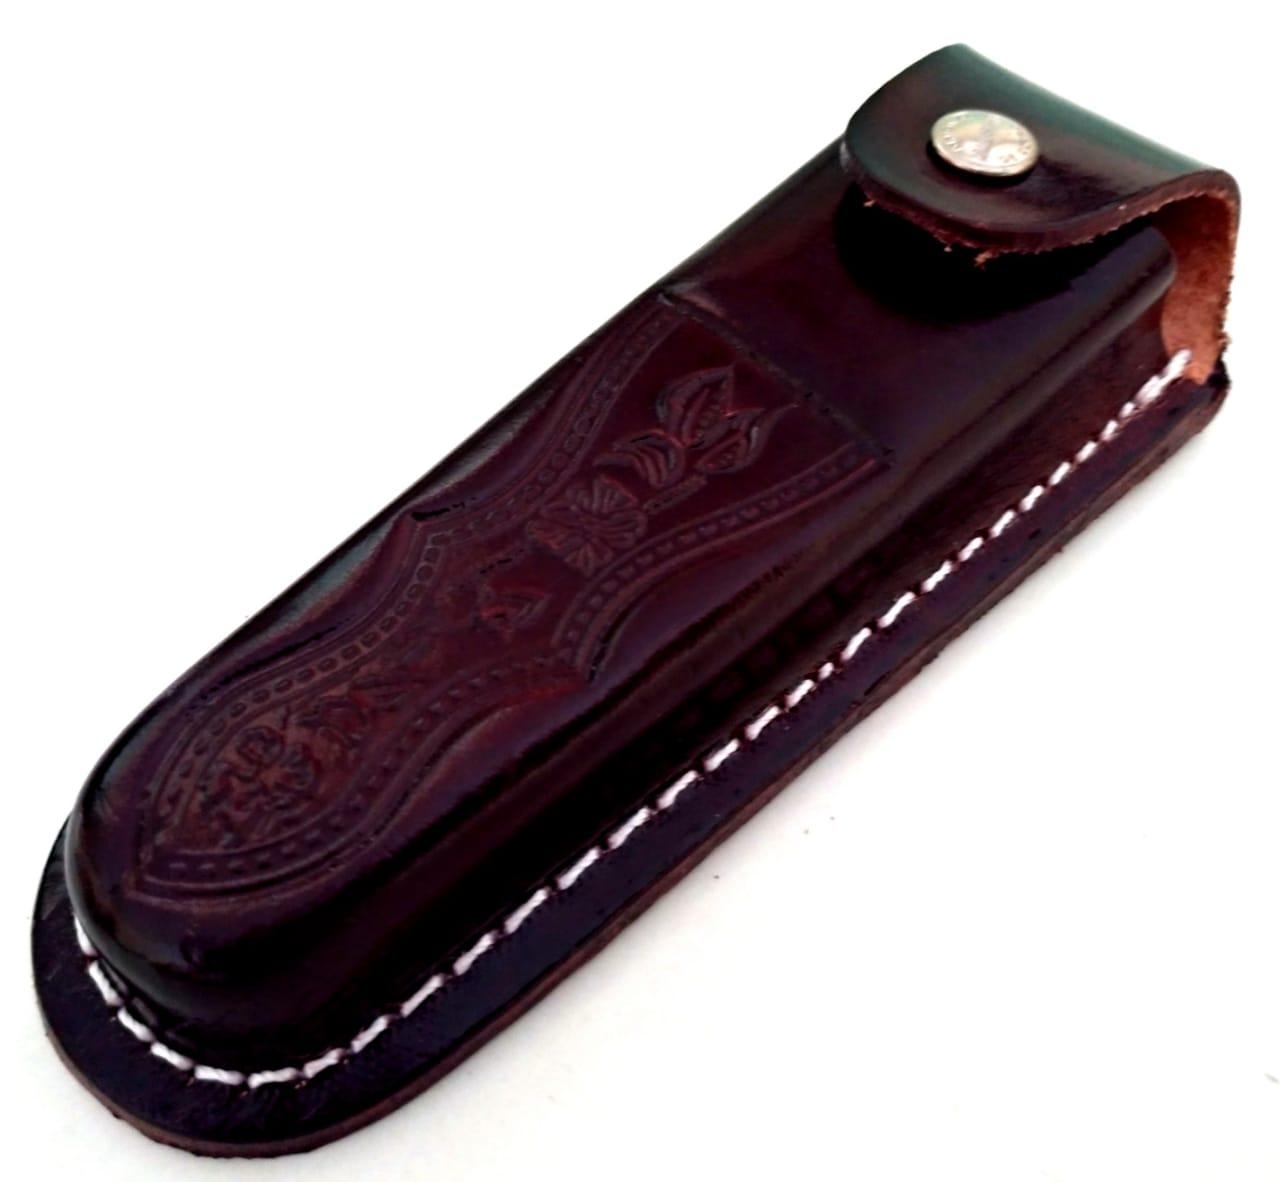 Canivete artesanal em aço inox e cabo Conduru de sangue